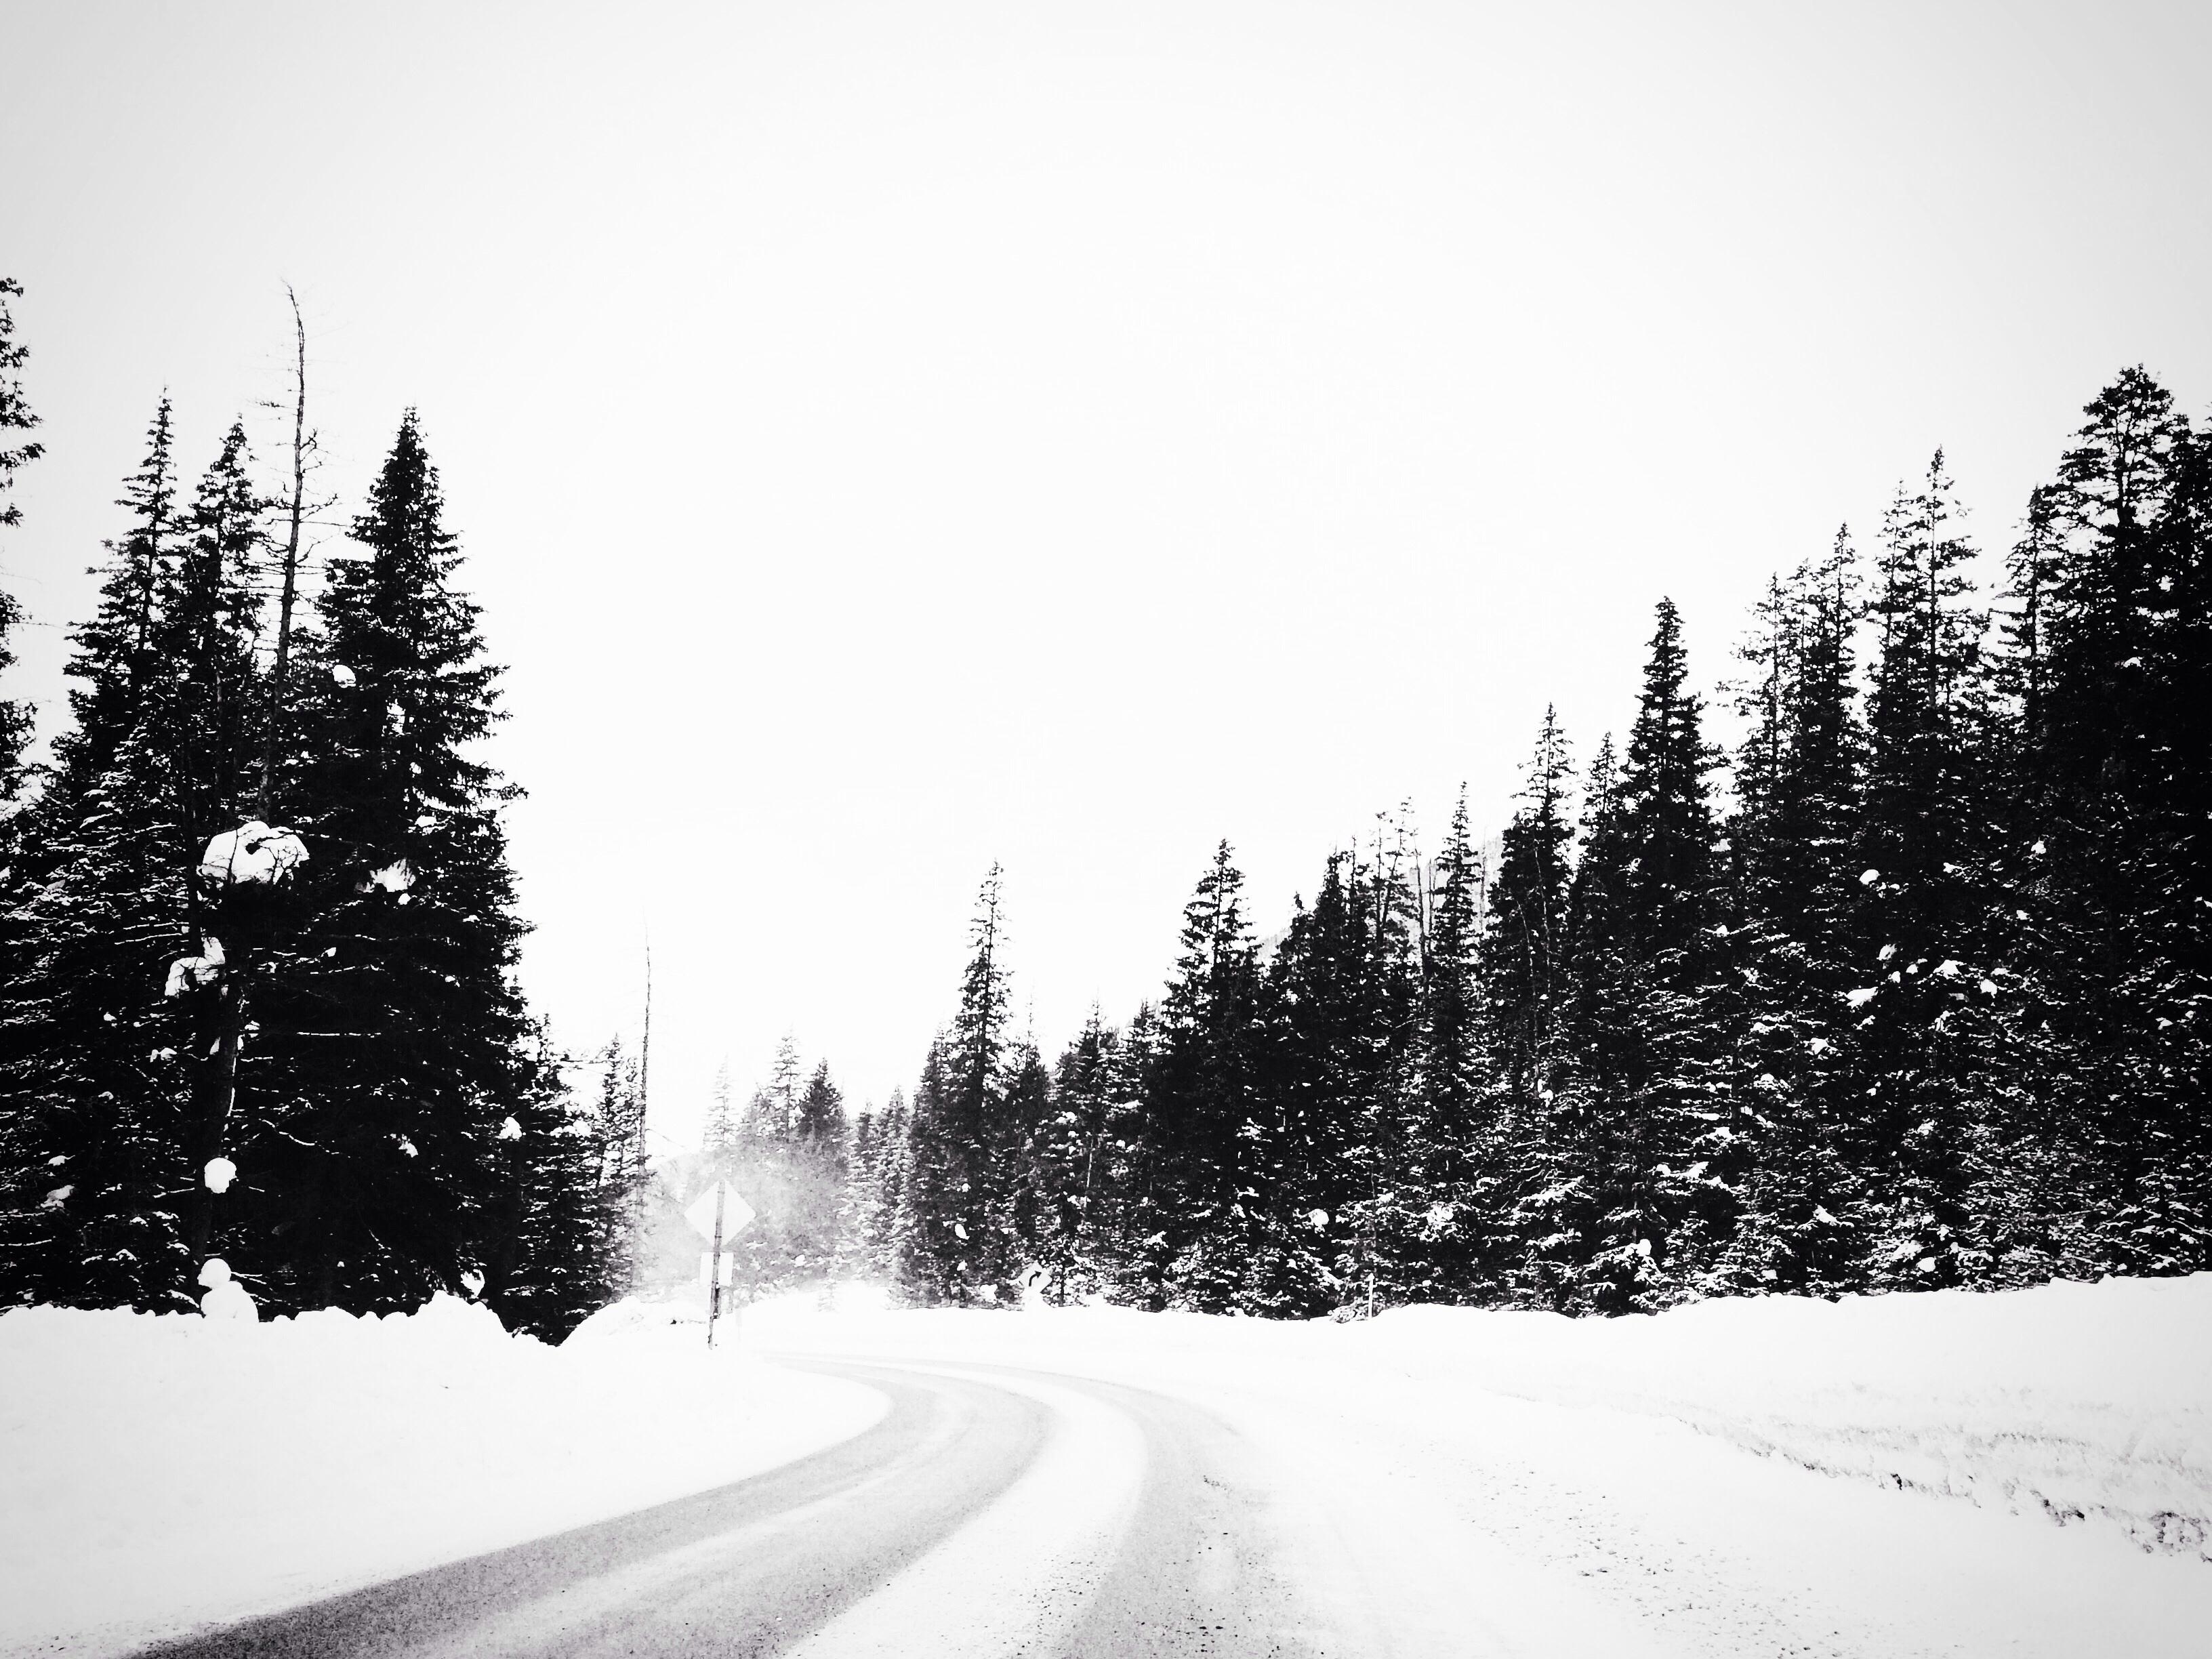 черная зима картинки сейчас хочу поделиться